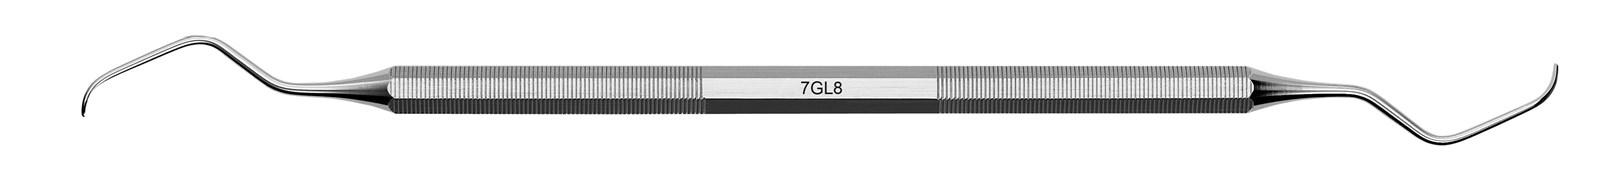 Kyreta Gracey Classic - 7GE8, ADEP silikonový návlek tmavě modrý